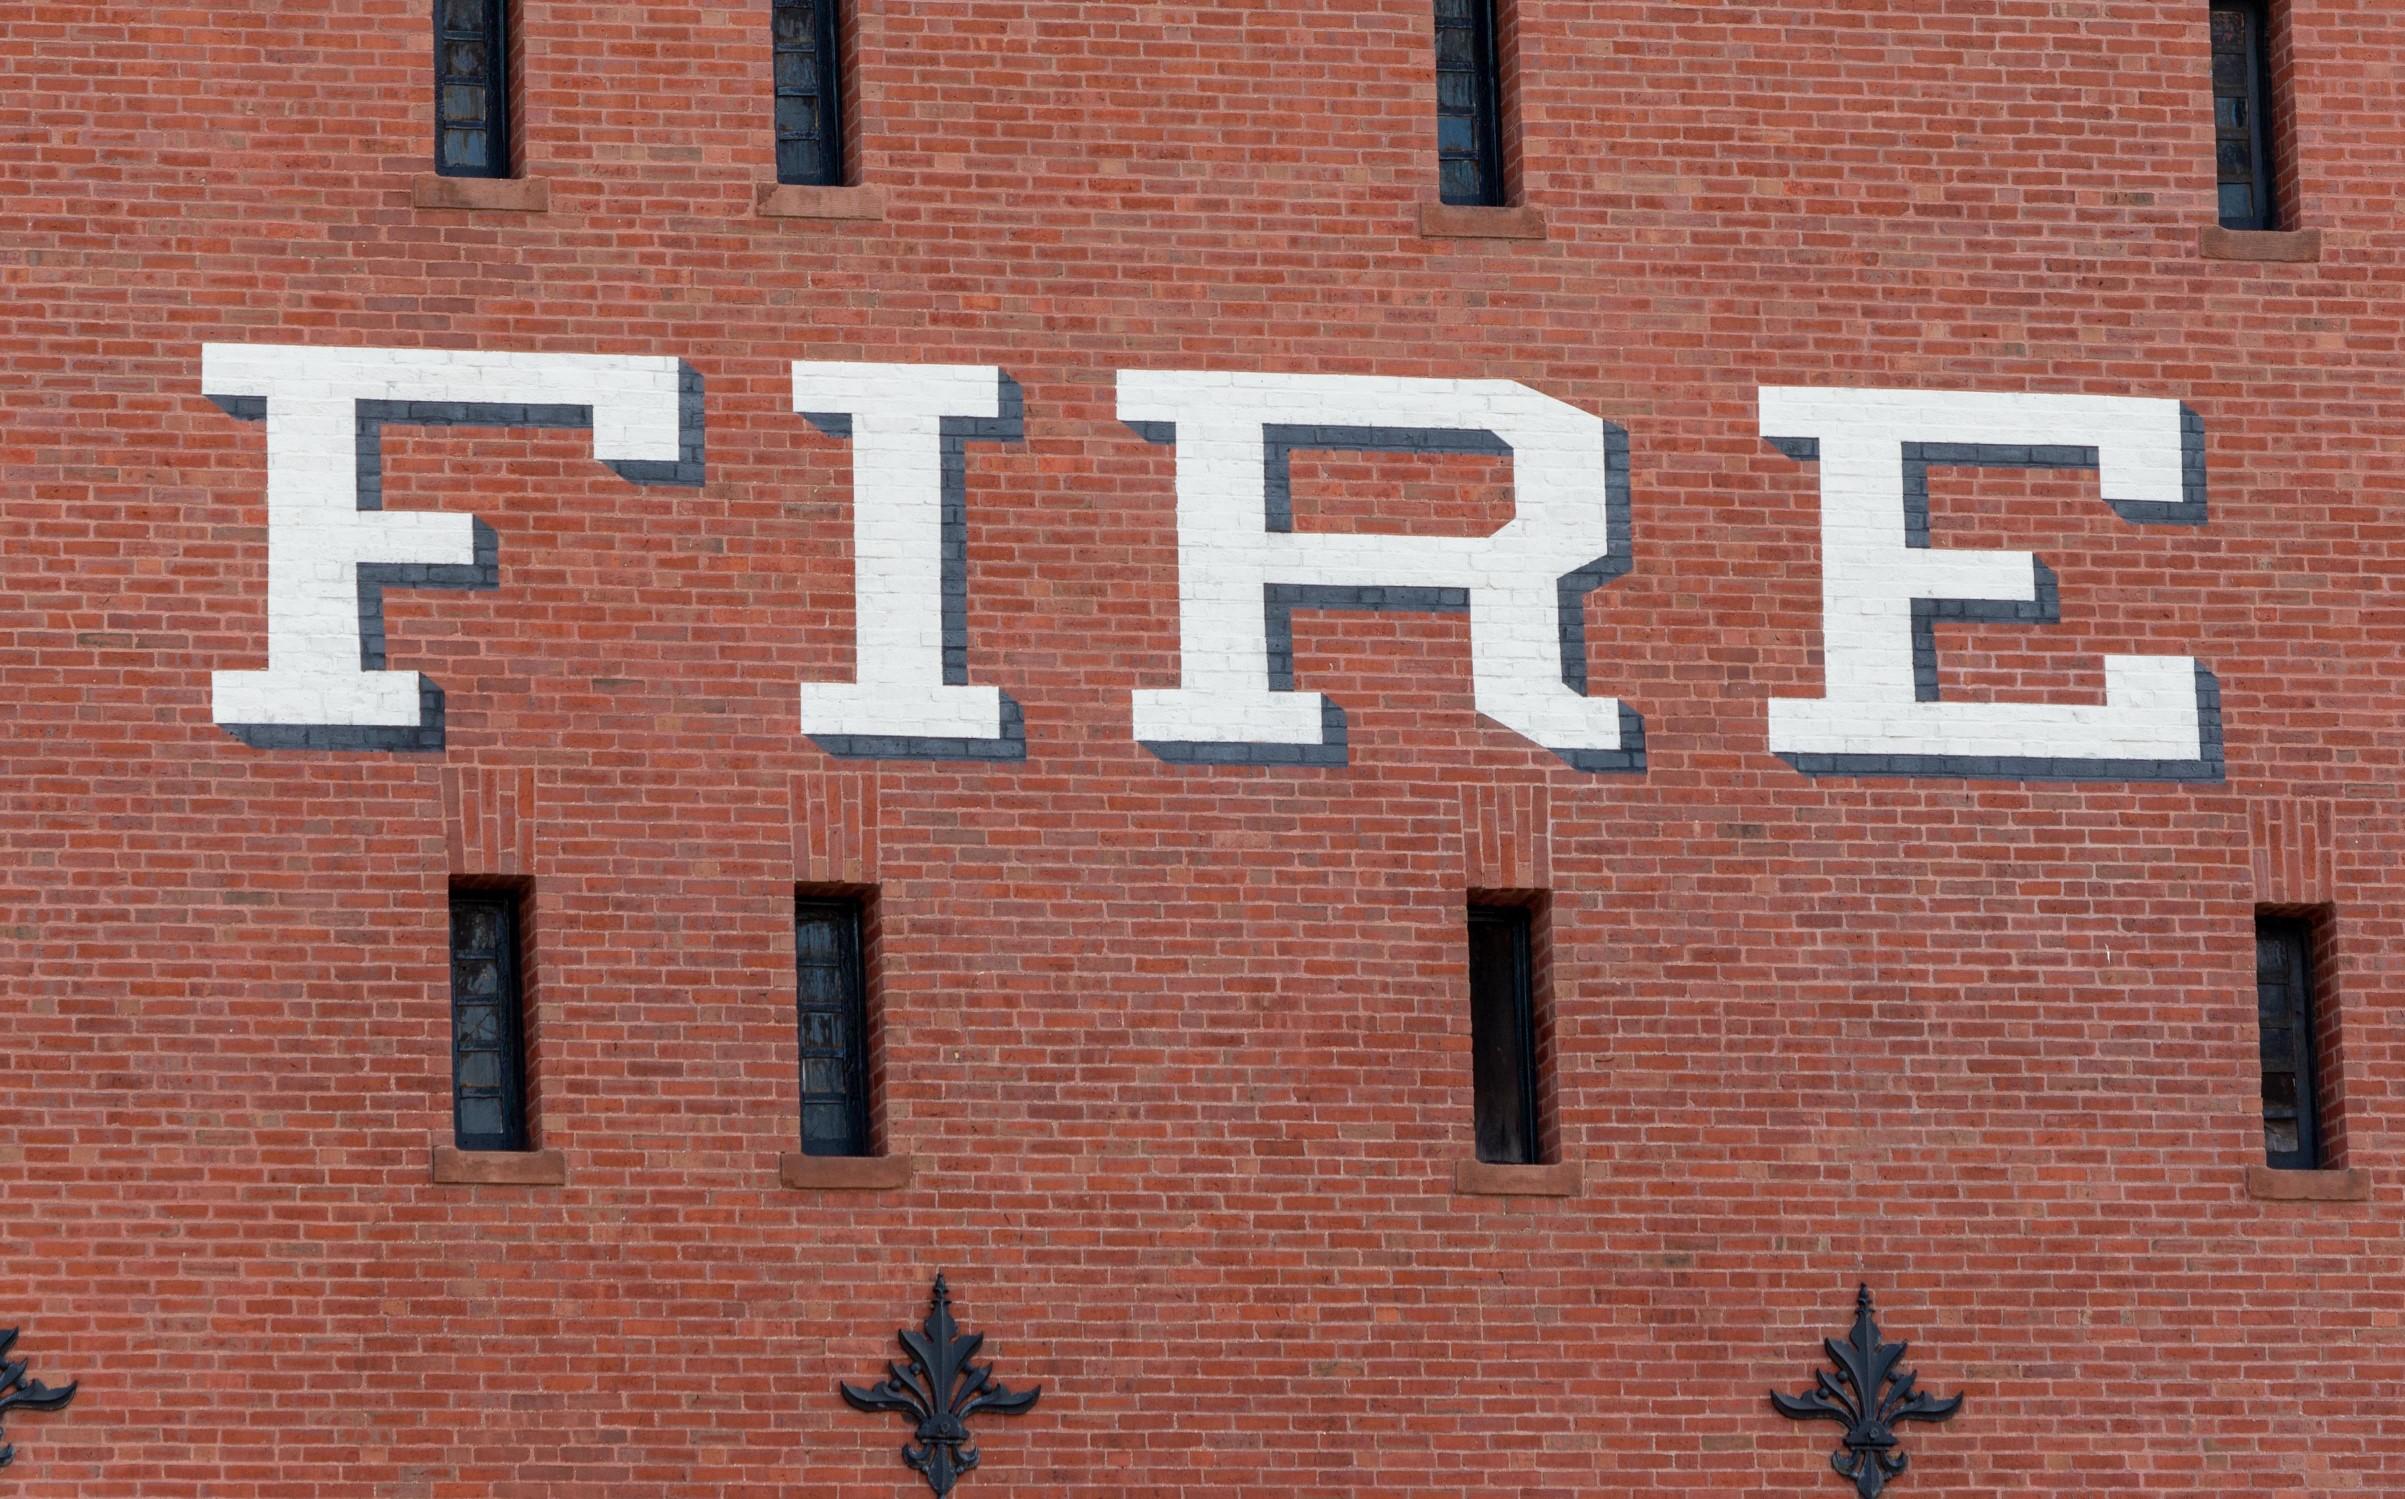 """façade en briques britannique avec écrit """" Fire """" dessus"""